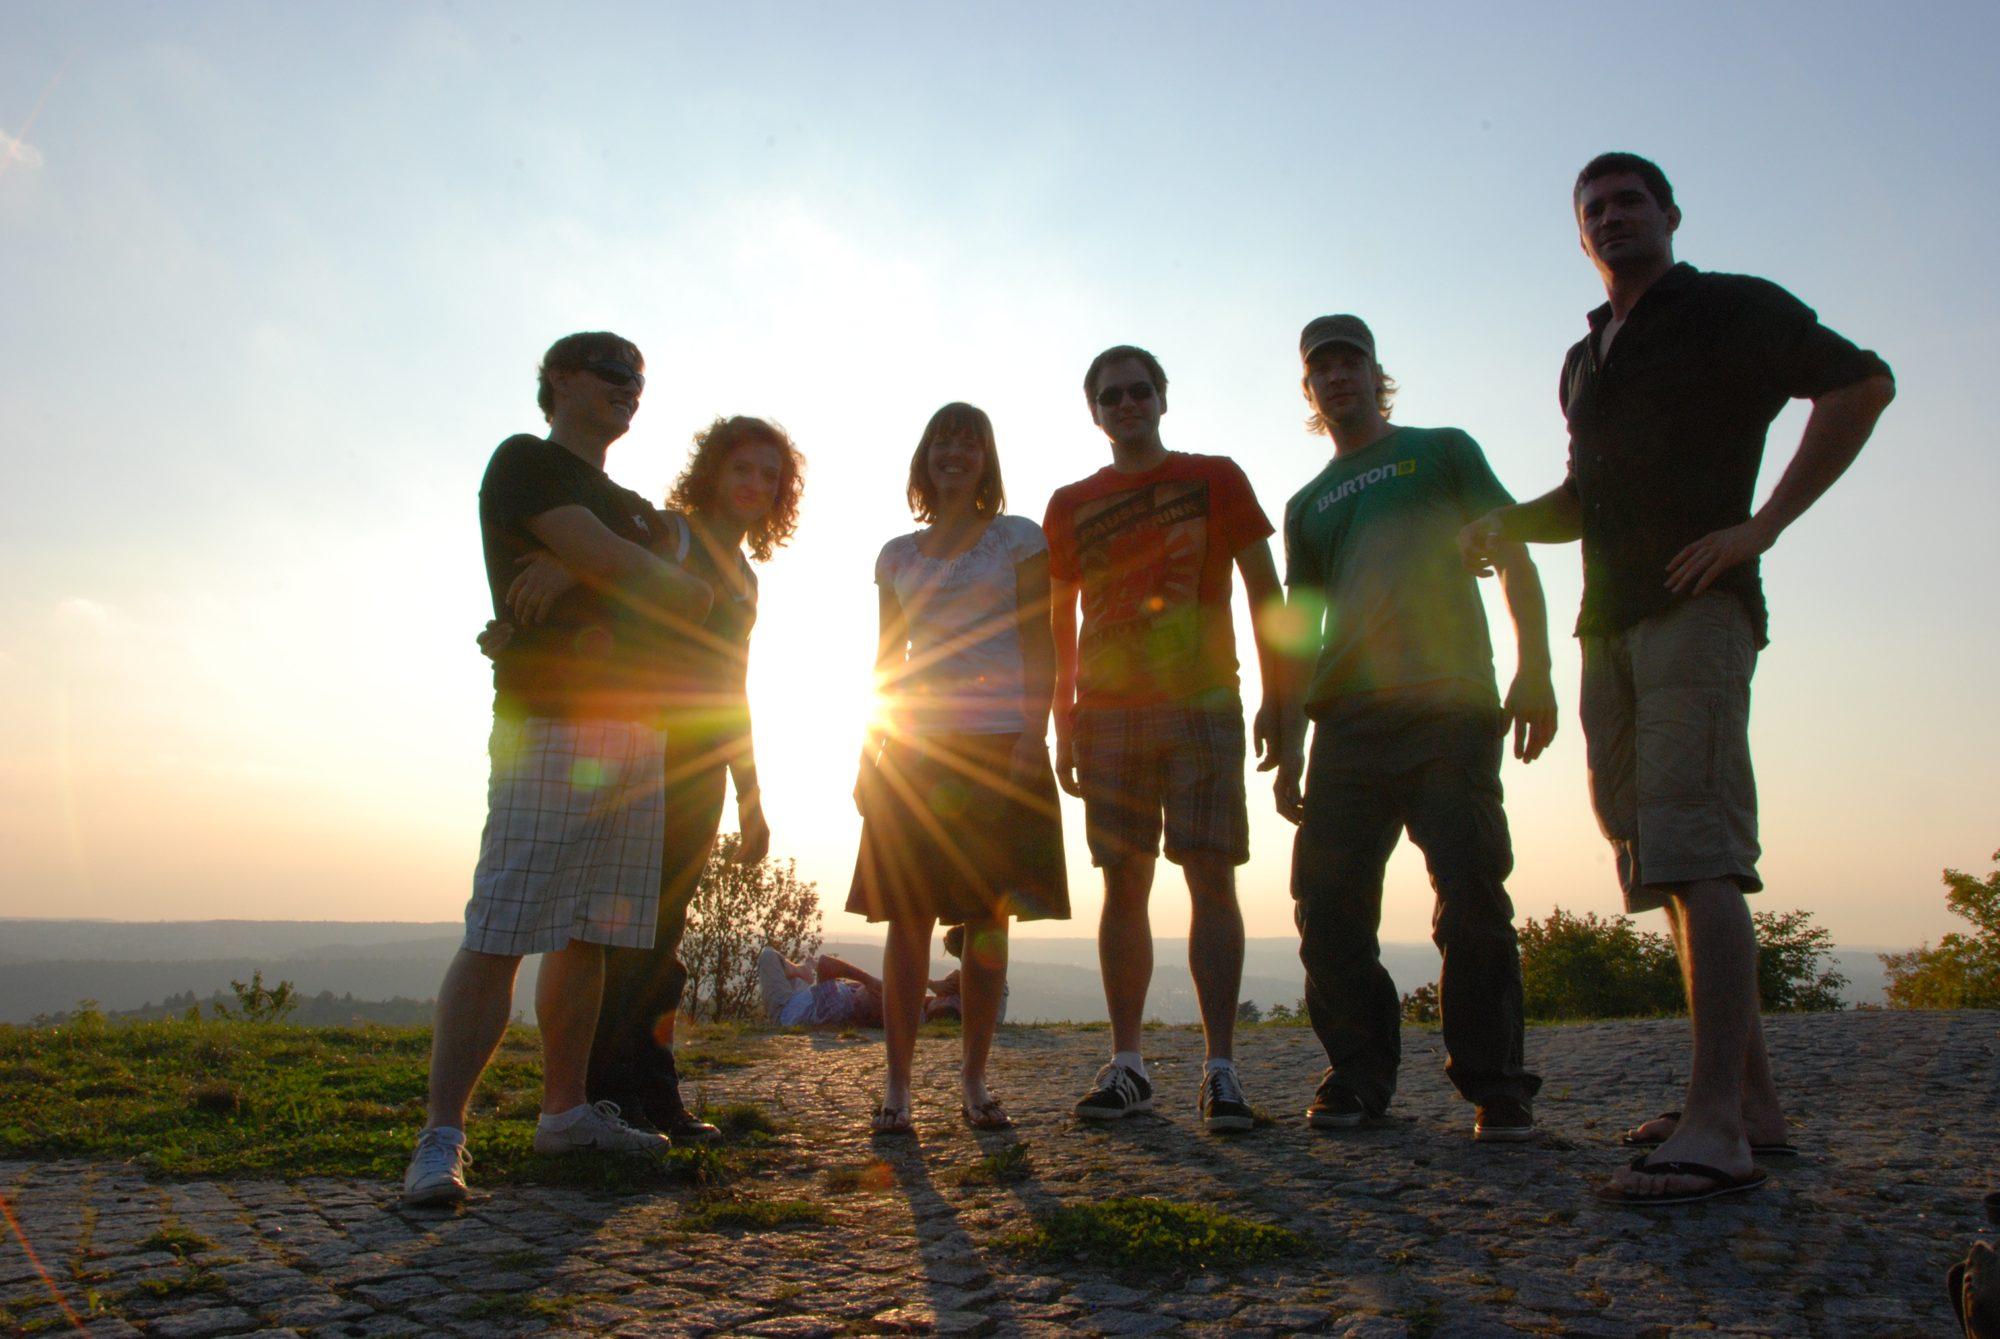 Oktober 2011 - Auf dem Rotenberg bei Stuttgart. David, Nadine, Luisa, Thomas, Johann und Thilo.